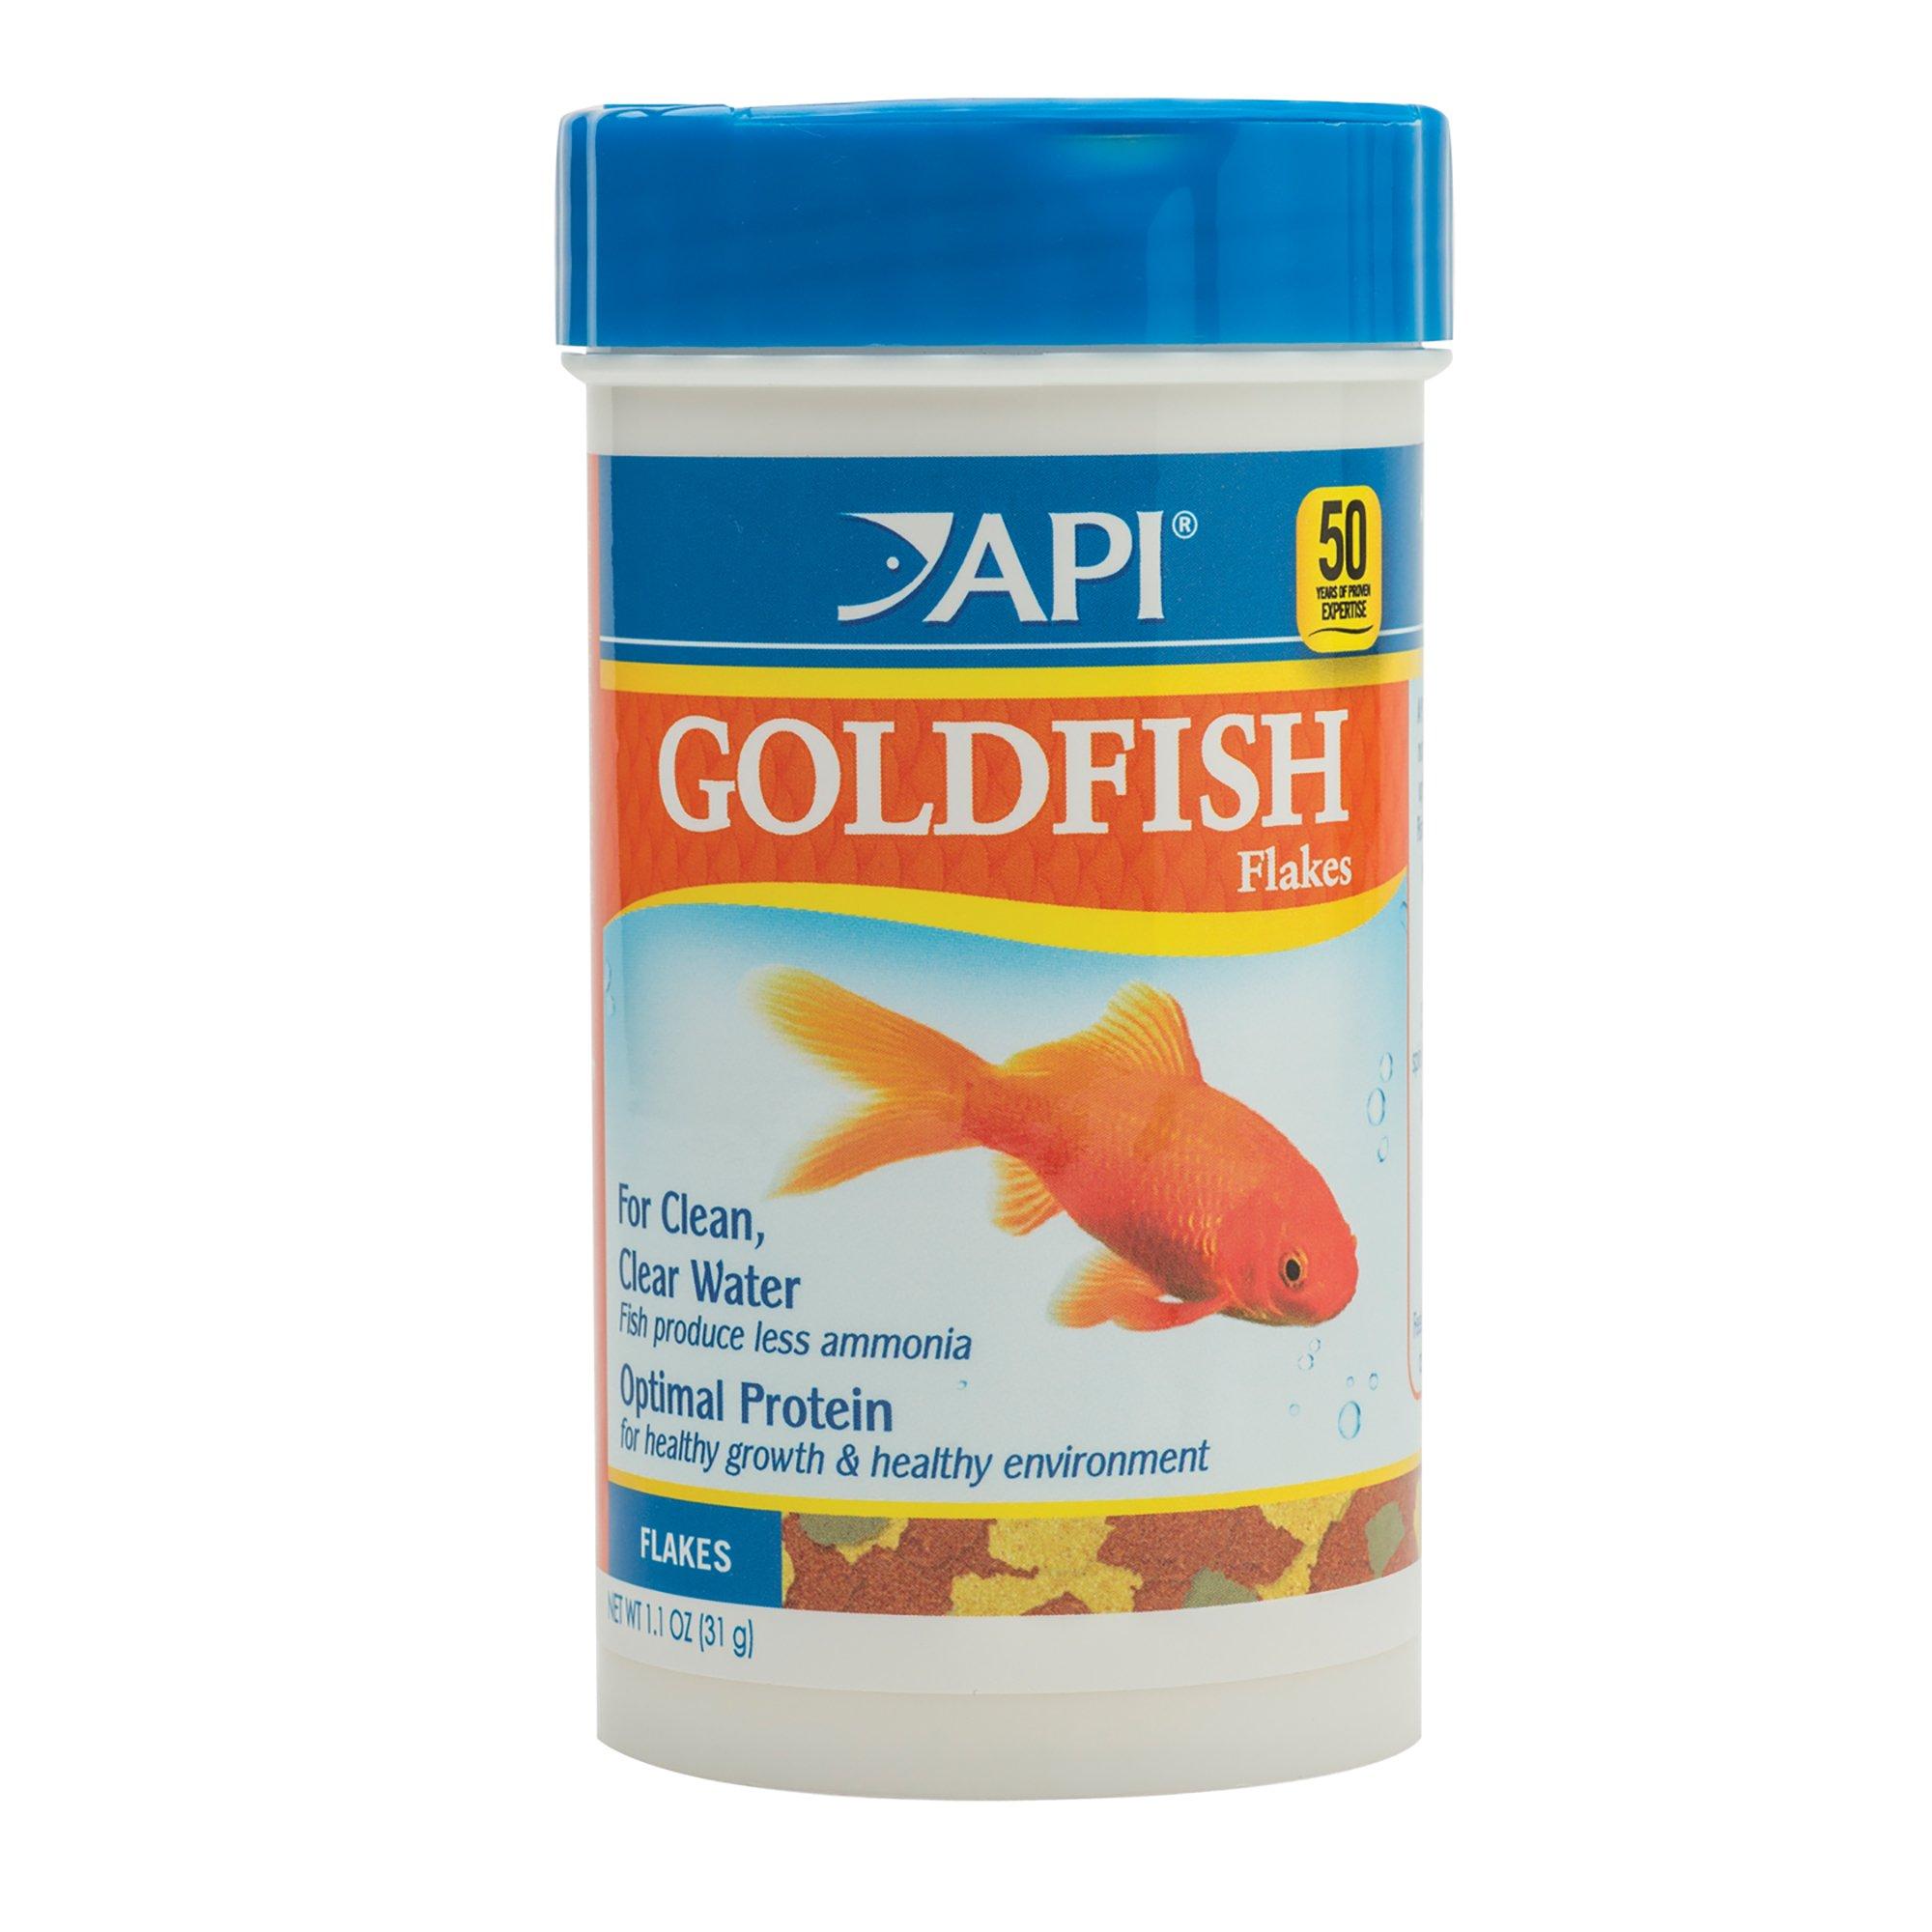 Api goldfish flakes fish food petco for Petco fish food